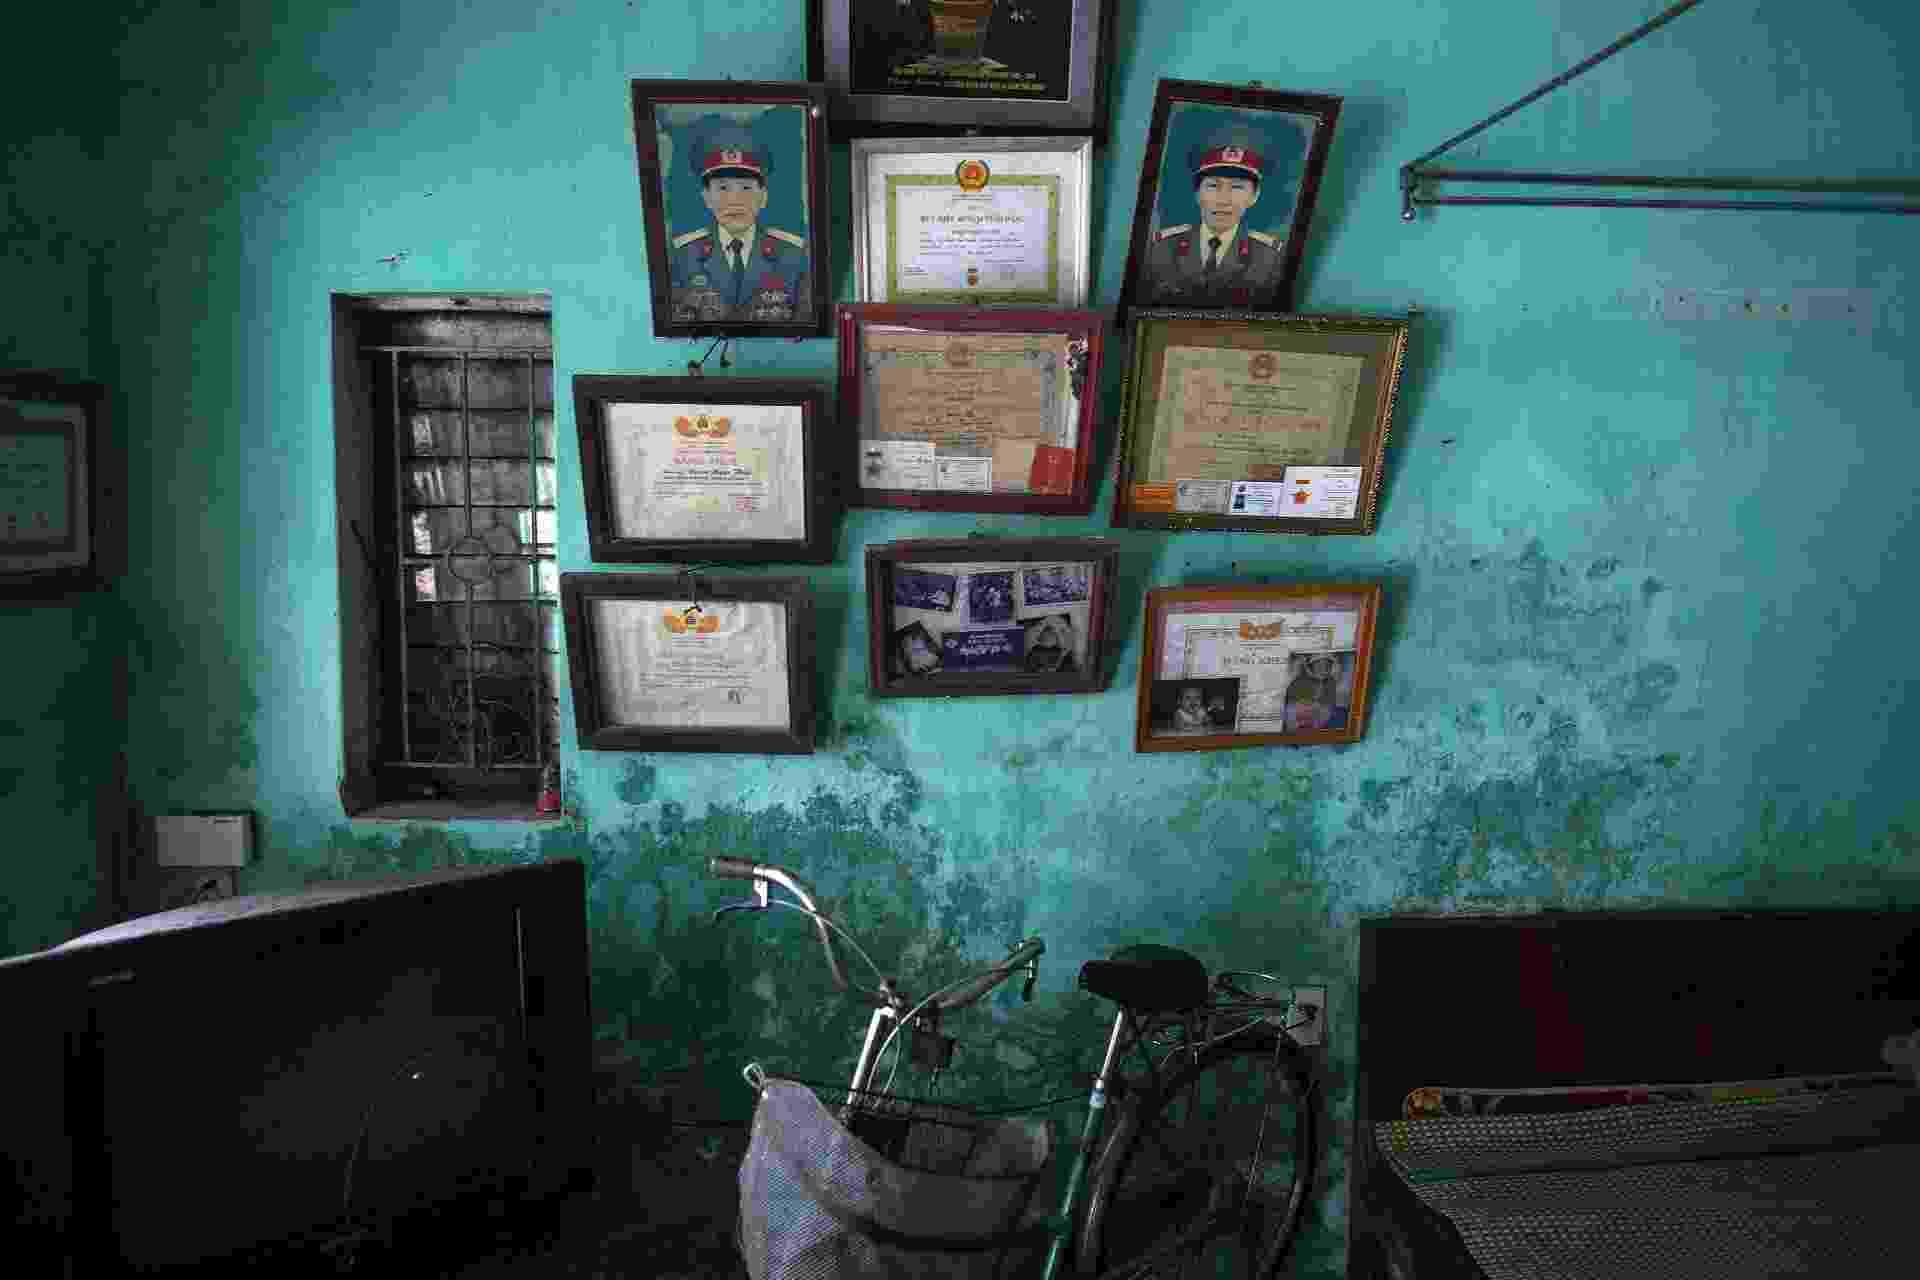 10.abr.2015 - Fotos e diplomas dos ex-soldados Doan Ngoc Uyen e Le Thi Teo decoram a parede da casa da família na província de Thai Binh, no Vietnã. A filha do casal, Doan Thi Hong Gam, sofre de severos problemas físicos e mentais. Seu pai foi exposto ao agente laranja ao lutar durante a guerra - Damir Sagolj/Reuters